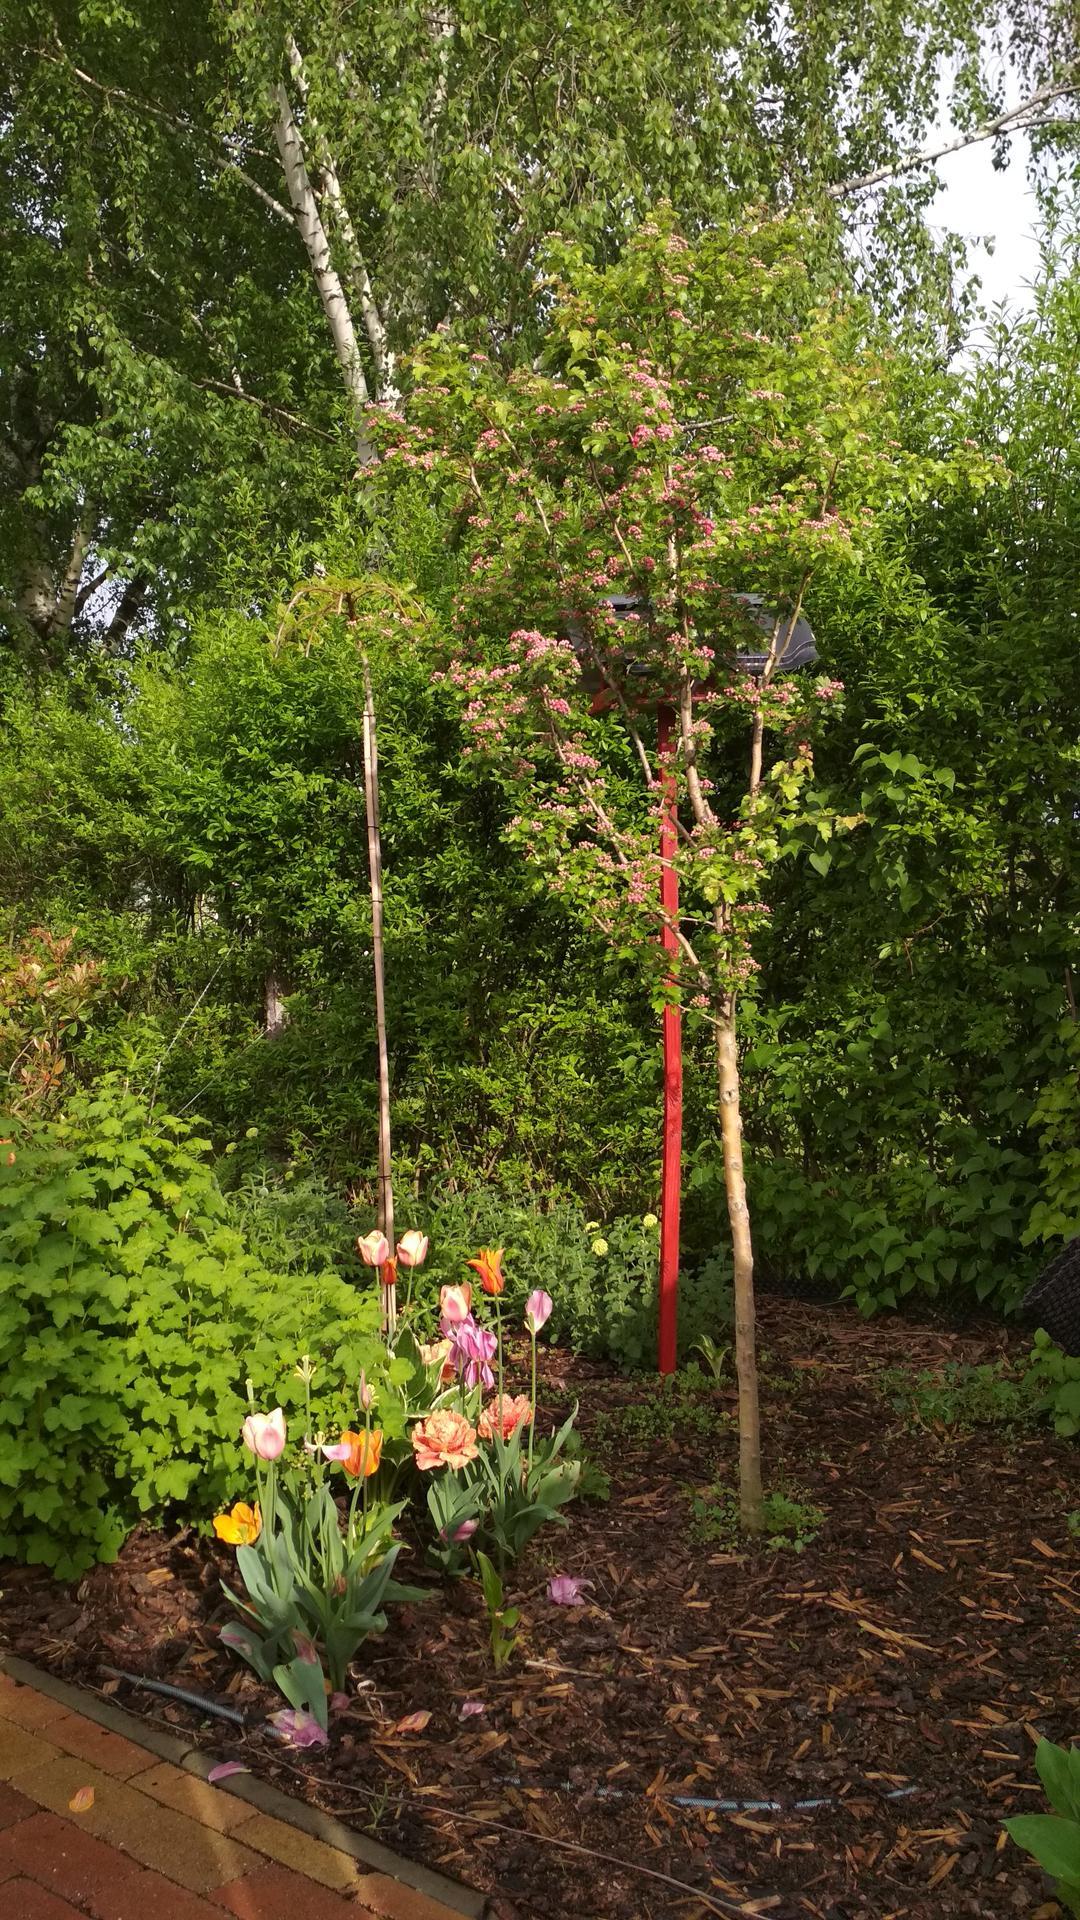 záhrada vidiecka, farebná rok 2021 - Obrázok č. 56